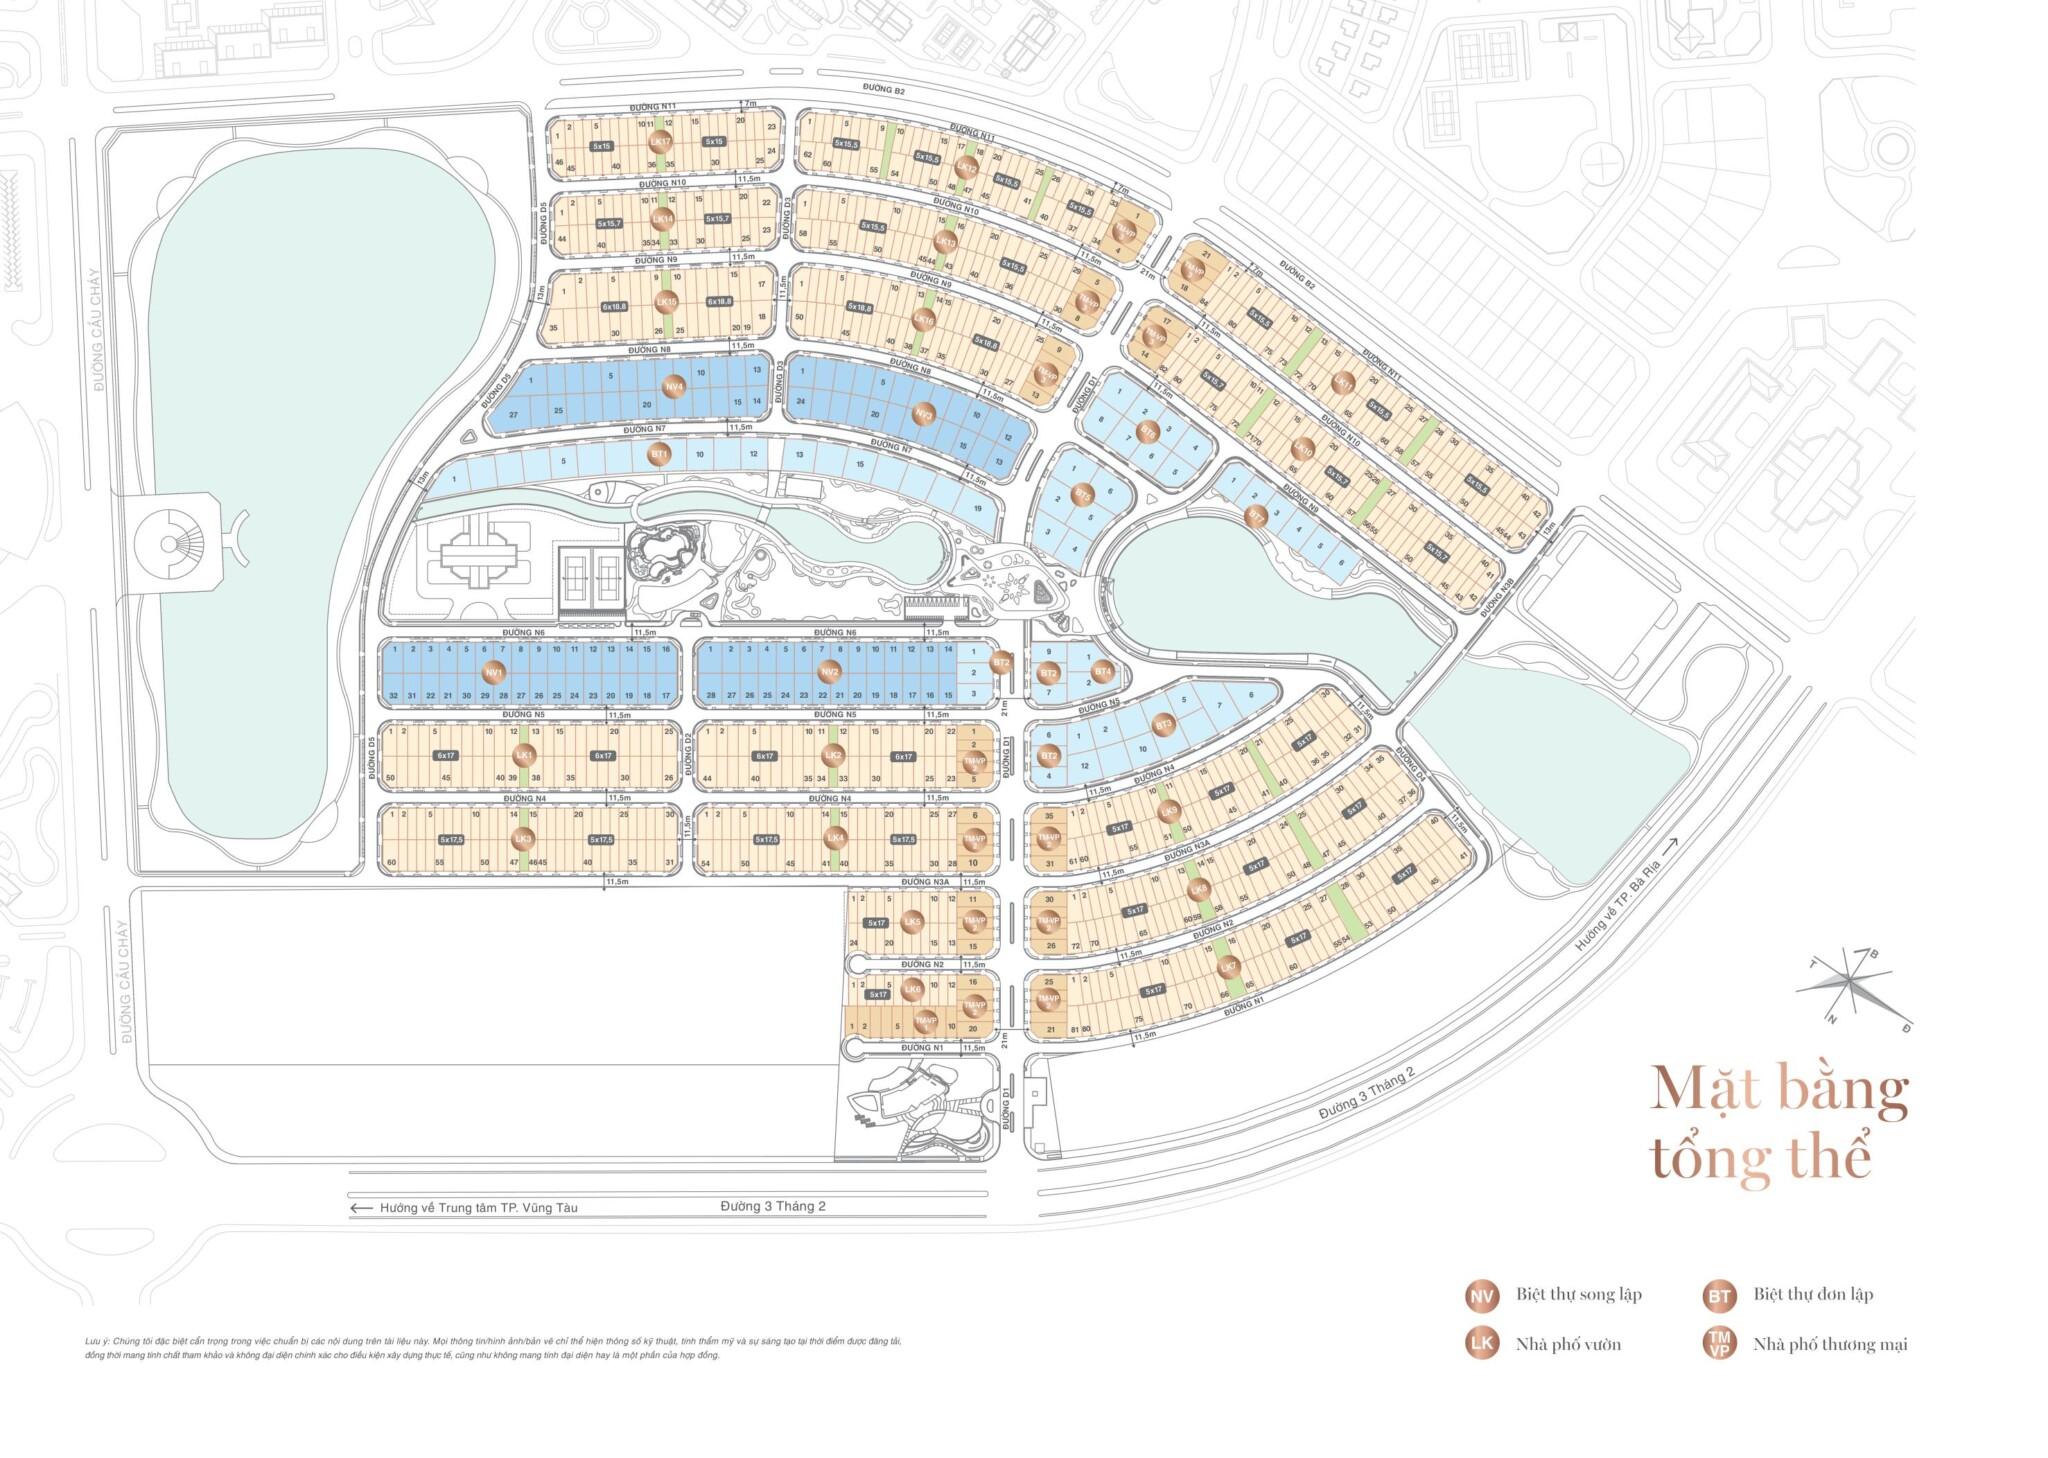 Mua bán chuyển nhượng Lavida Residences Vũng Tàu 2021 14